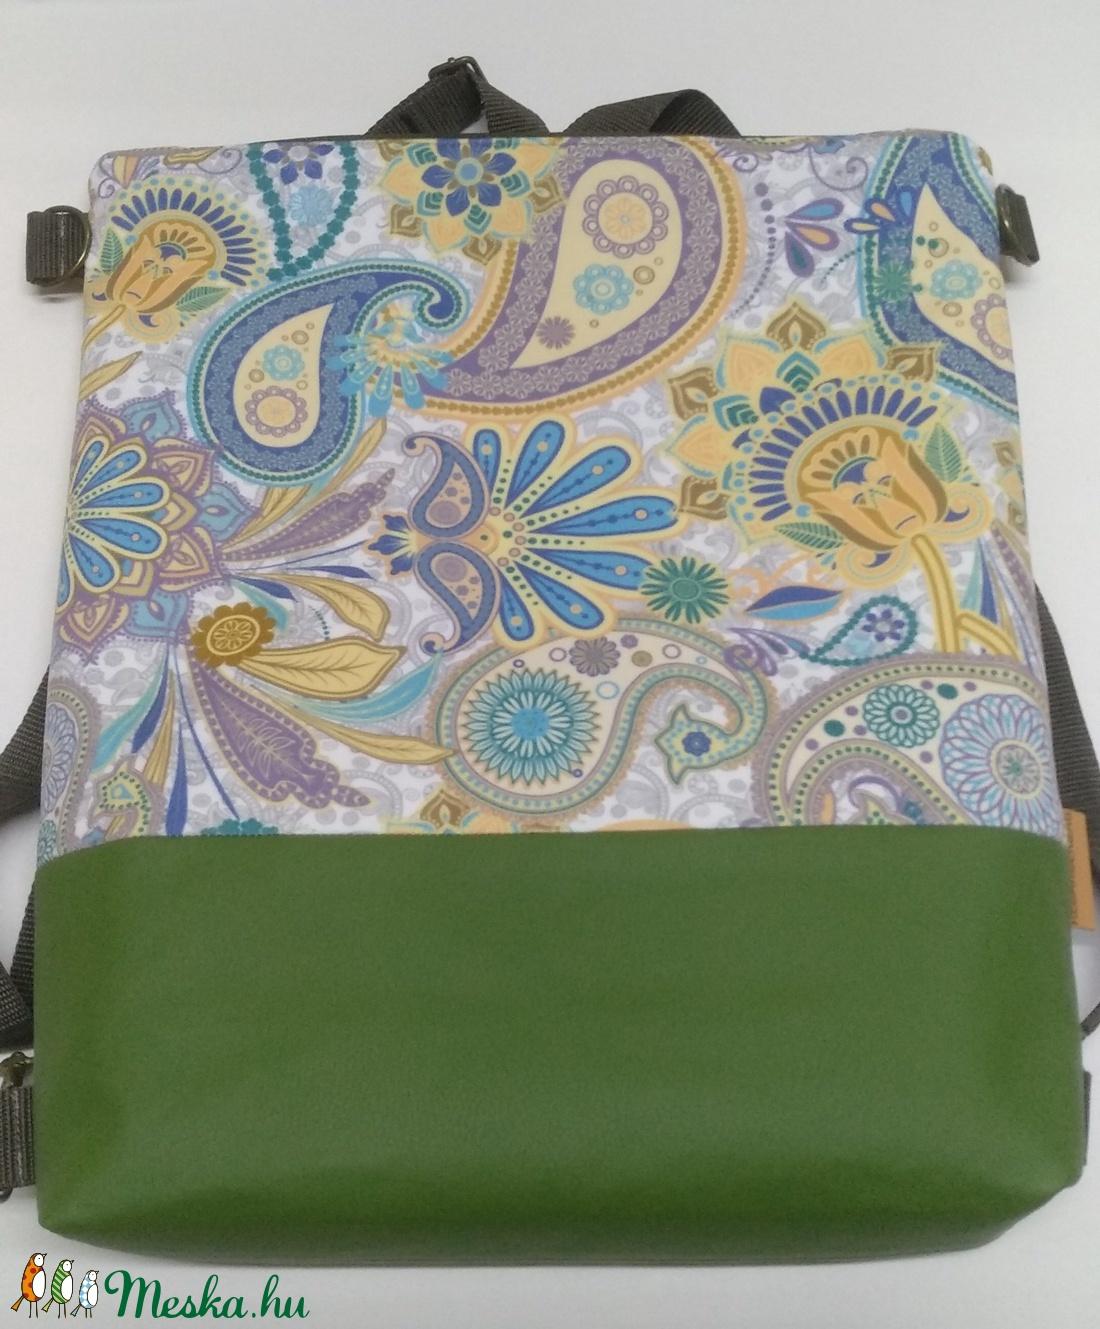 Zöld textilbőrrel díszitett virágos kétfunkciós táska